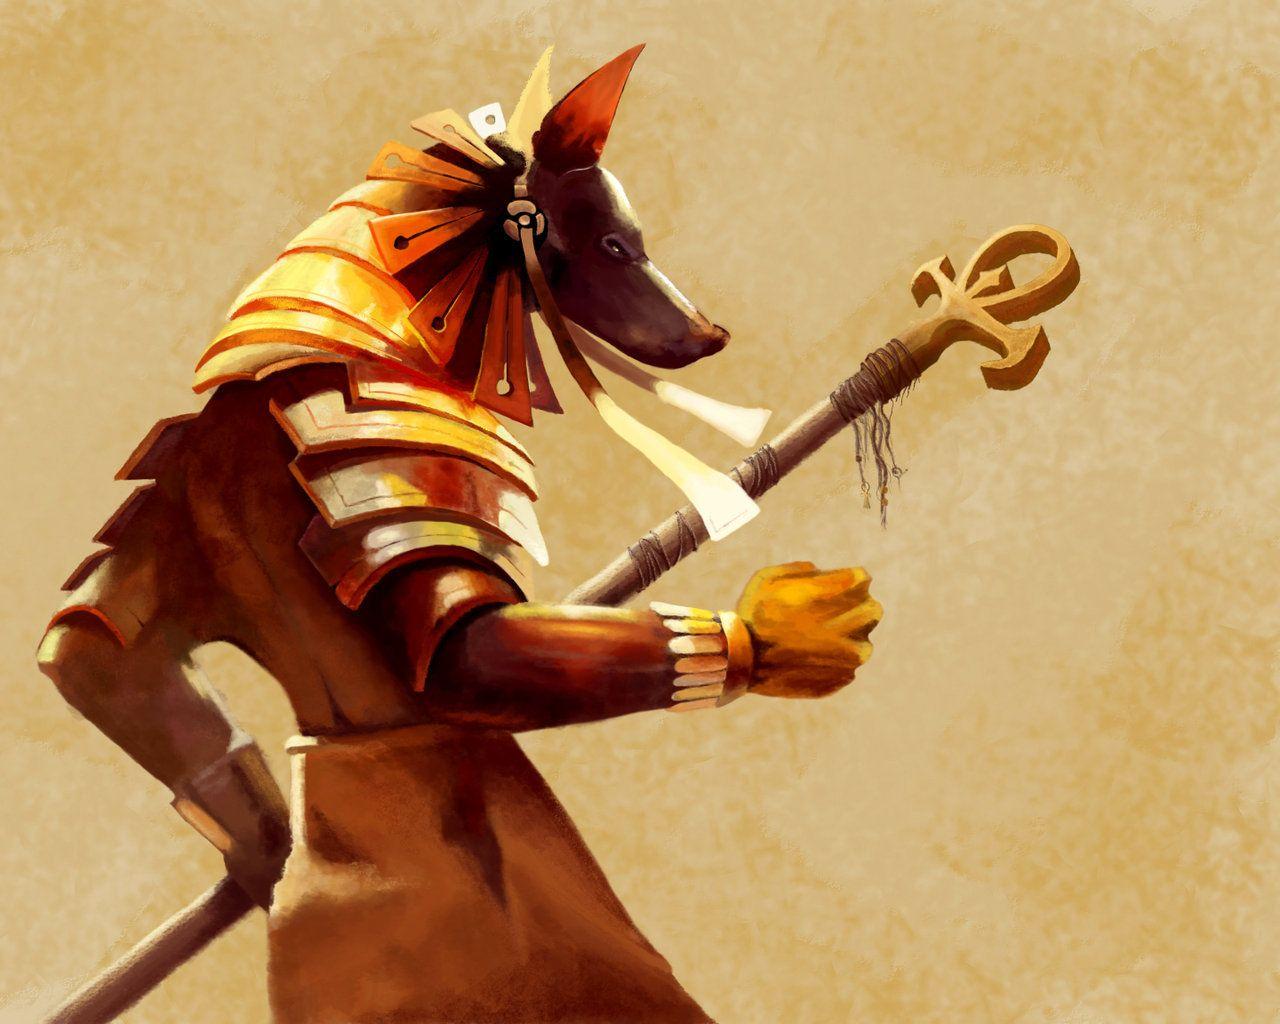 Osiris según la mitología egipcia, como Dios de la Agricultura fue el encargado de enseñar el arte de elaborar cerveza a la humanidad.